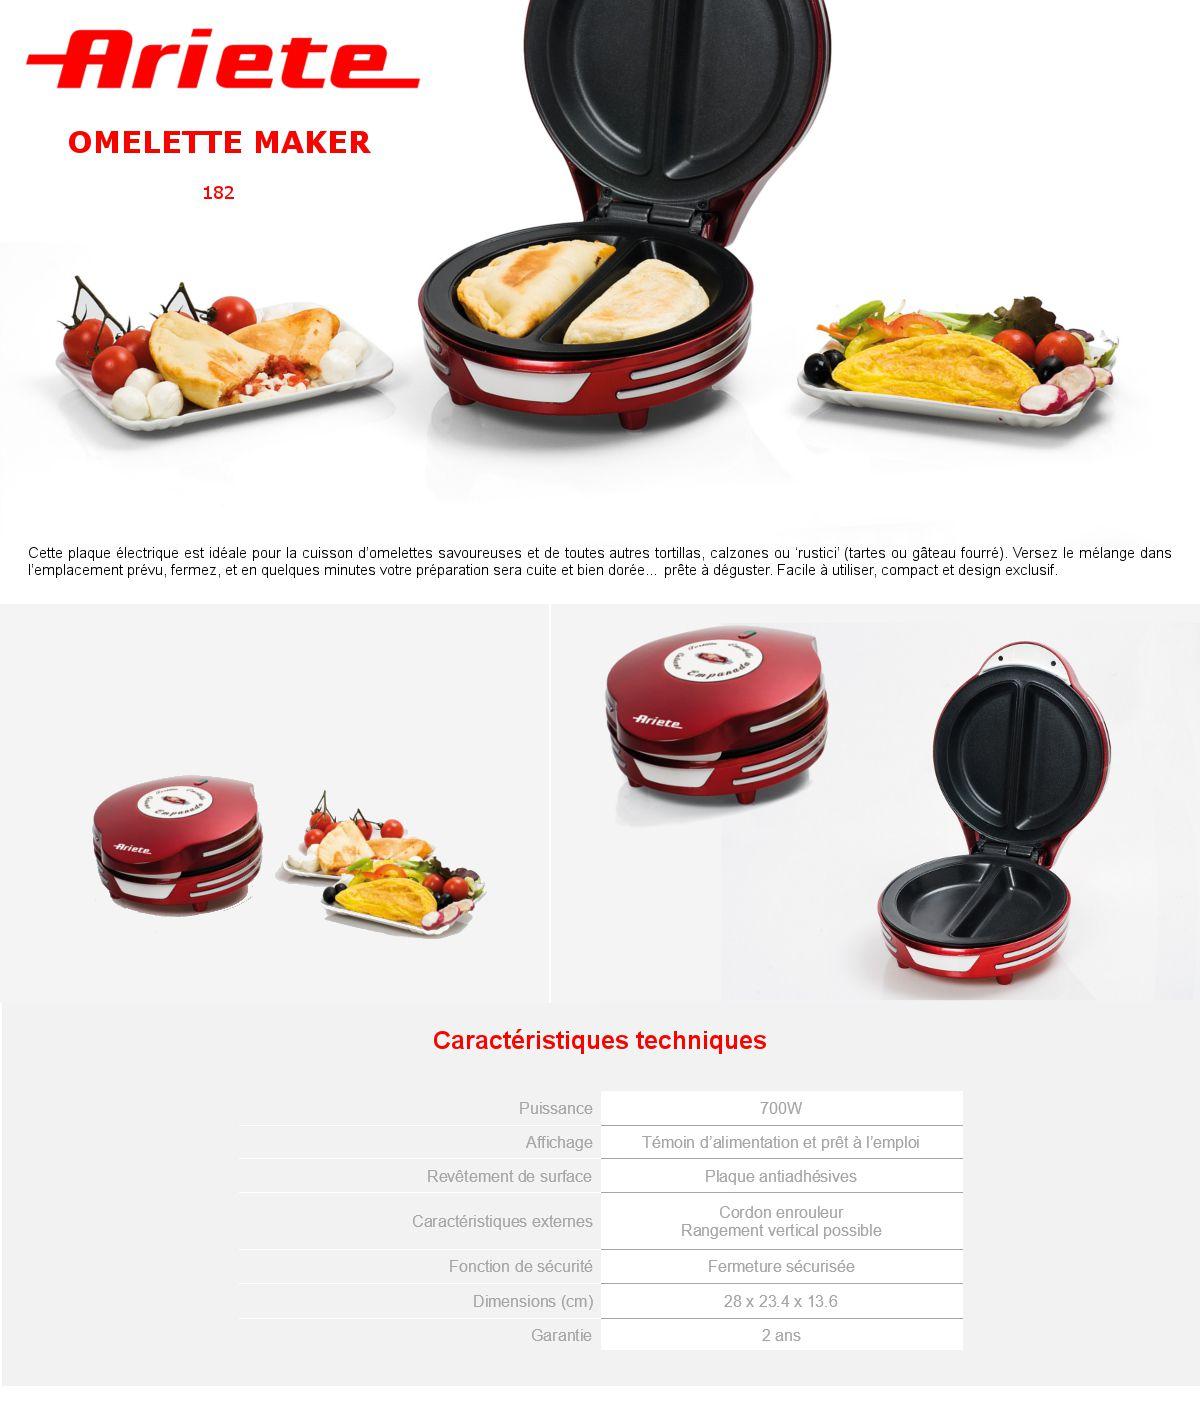 ariete appareil a omelette